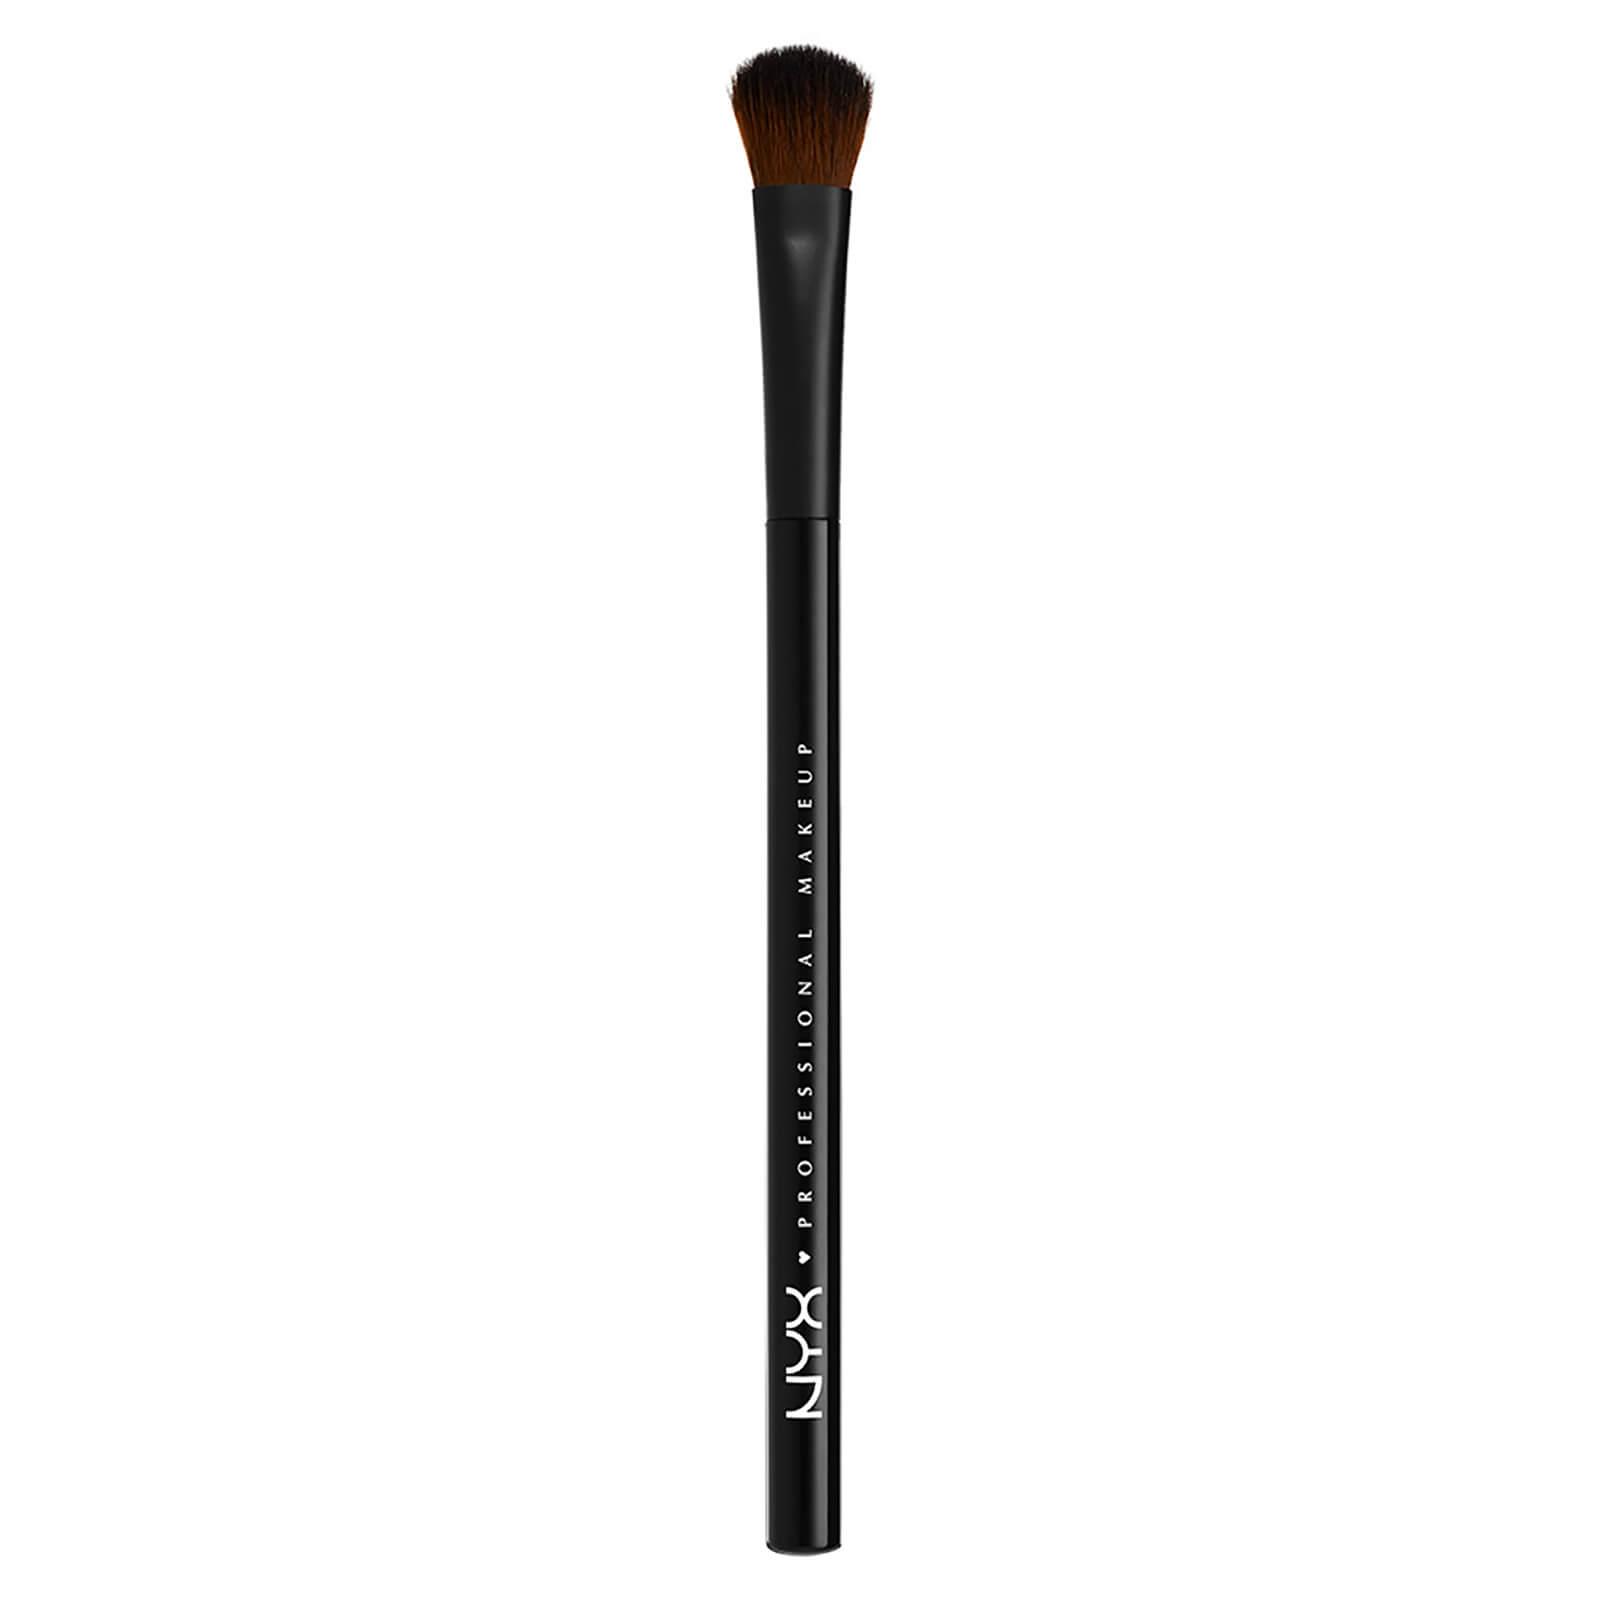 Купить Профессиональная кисть для теней NYX Professional Makeup Pro All Over Shadow Brush